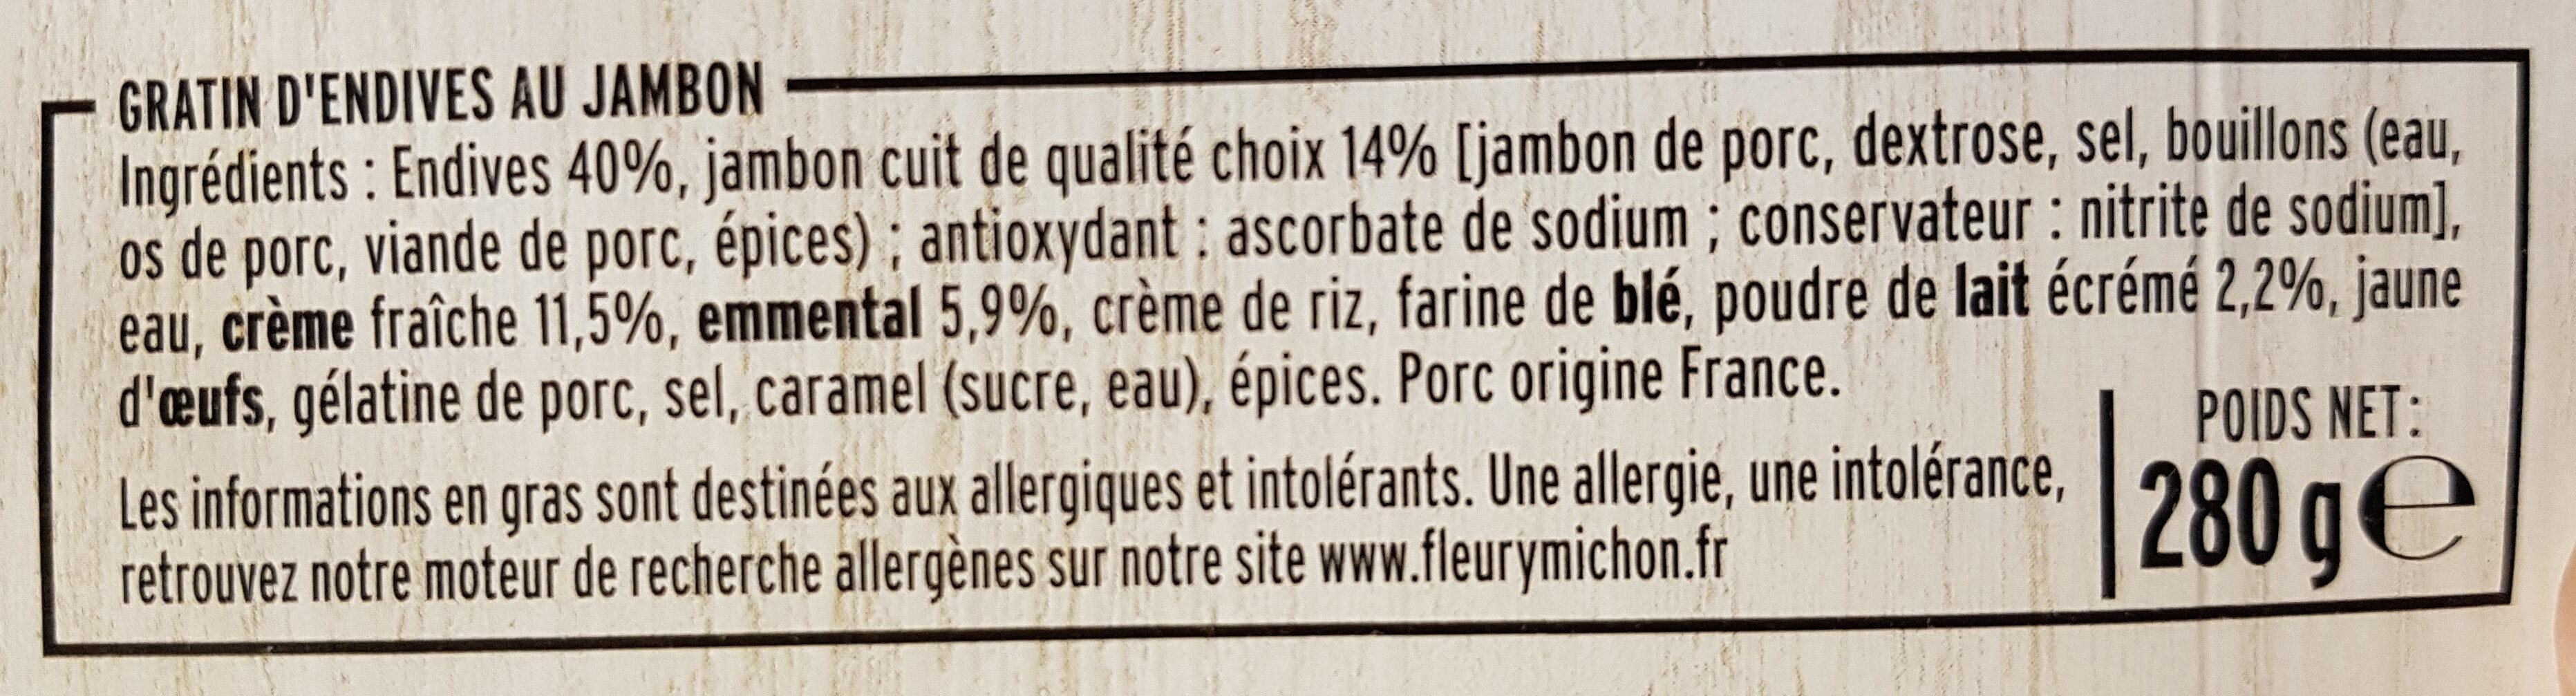 Gratin d'Endives au Jambon & à l'emmental - Ingredienti - fr